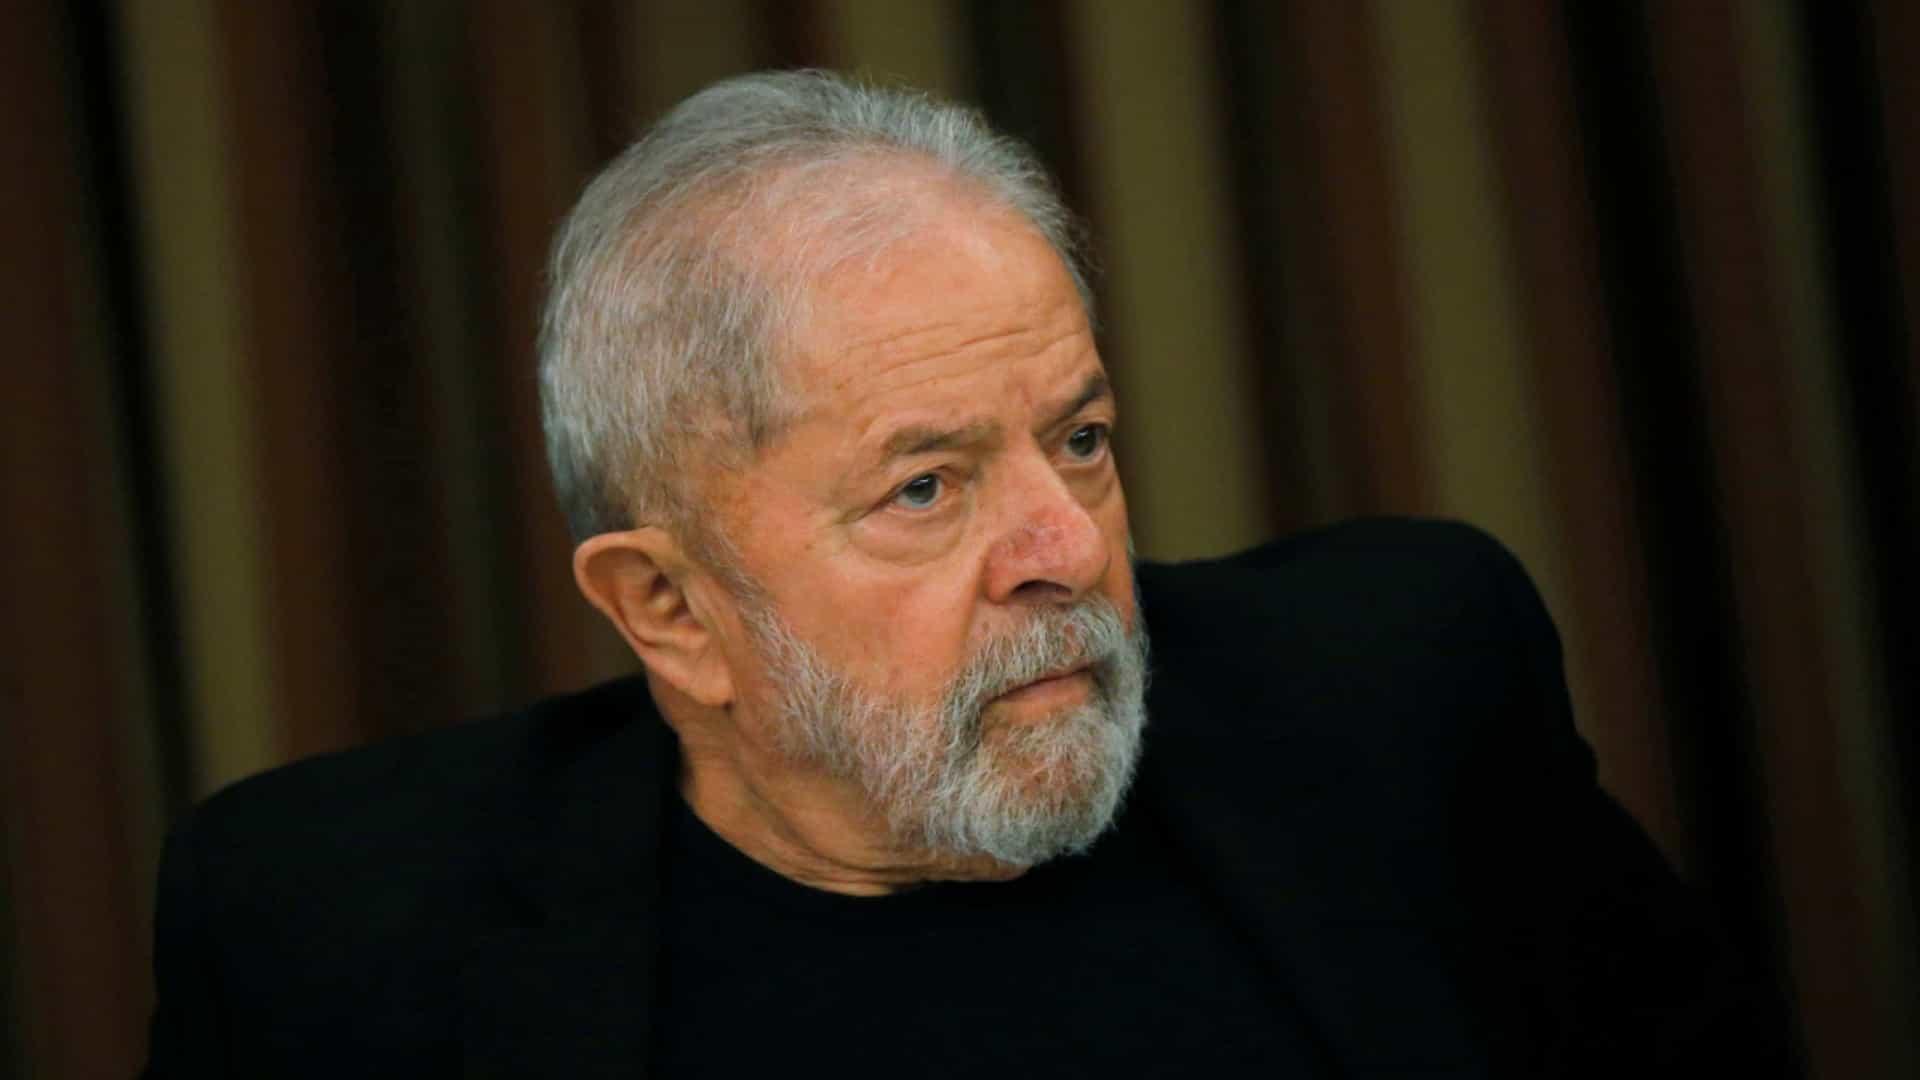 naom 5e5d5e417d2ba 1 - Em articulações para 2022, Lula vai se reunir com Pacheco em Brasília